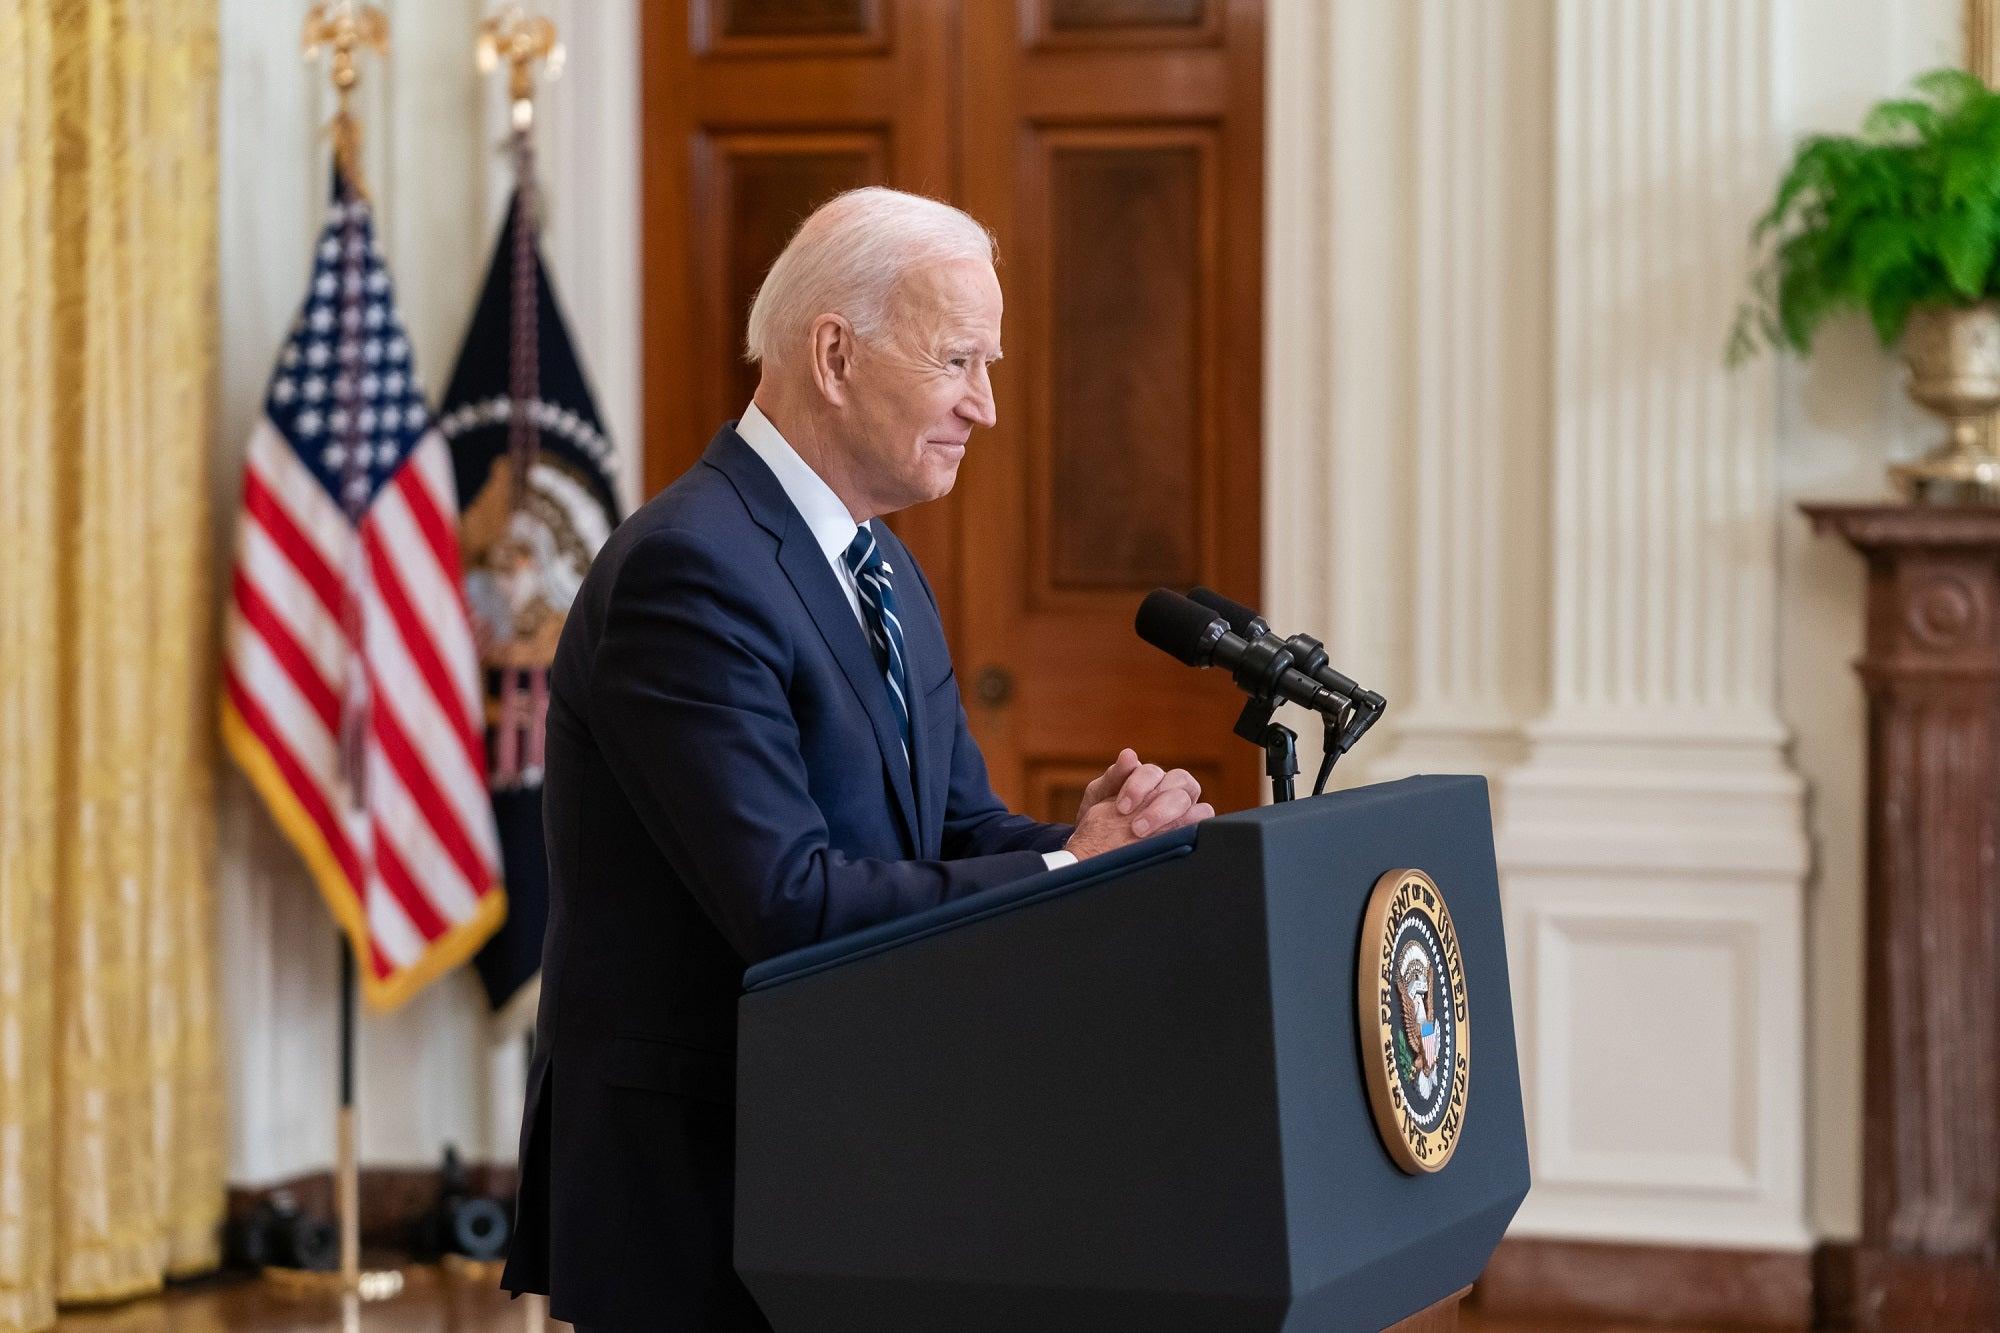 President Joe Biden at a White House podium